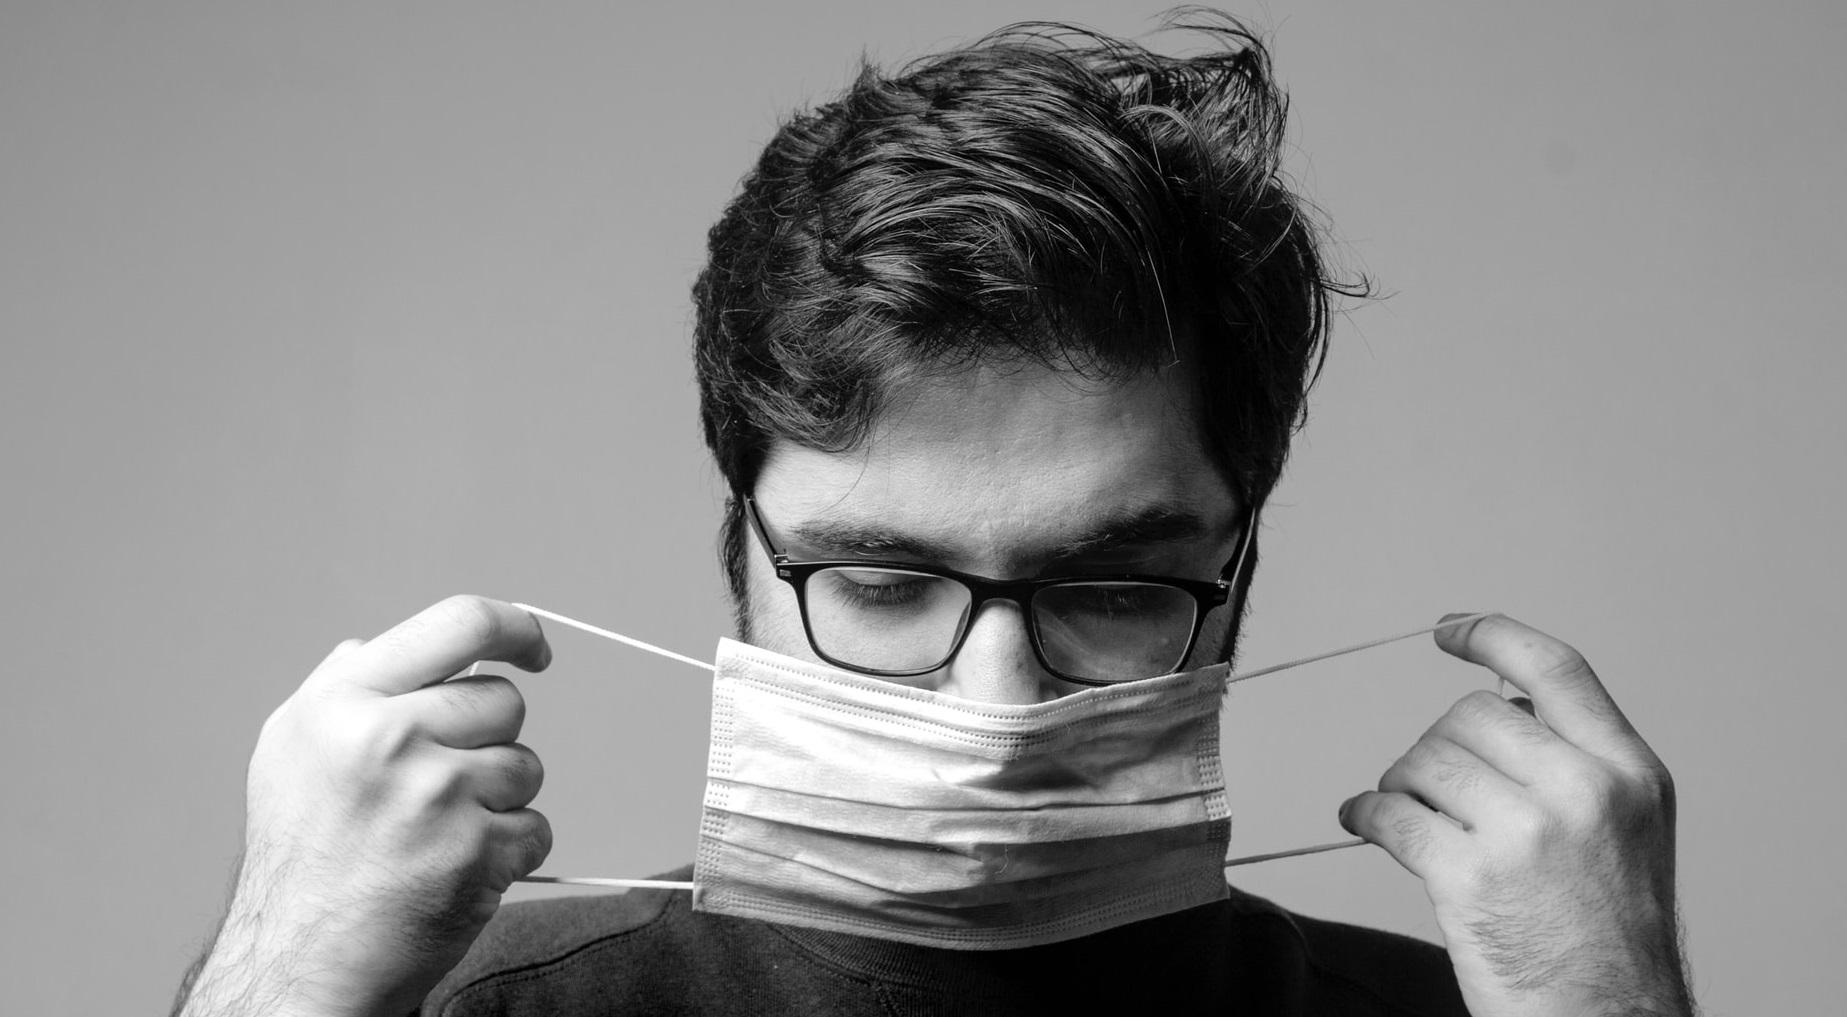 """Riscul de infectare cu SARS-Cov-2 este """"de trei ori mai mic"""" în cazul persoanelor care poartă ochelari"""